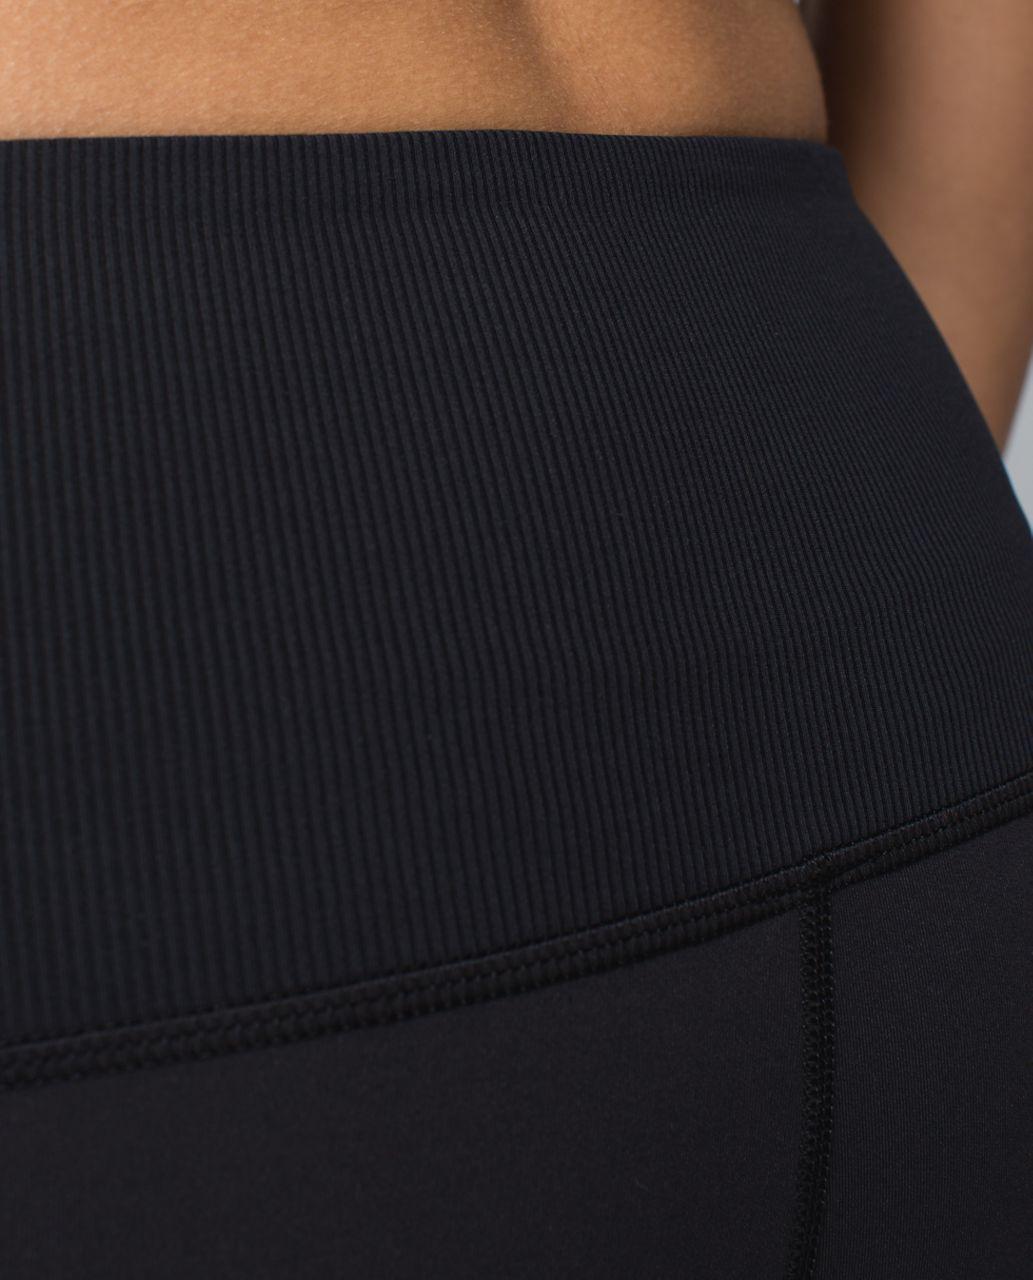 Lululemon Seek The Heat Crop - Inky Floral Soot Black / Black